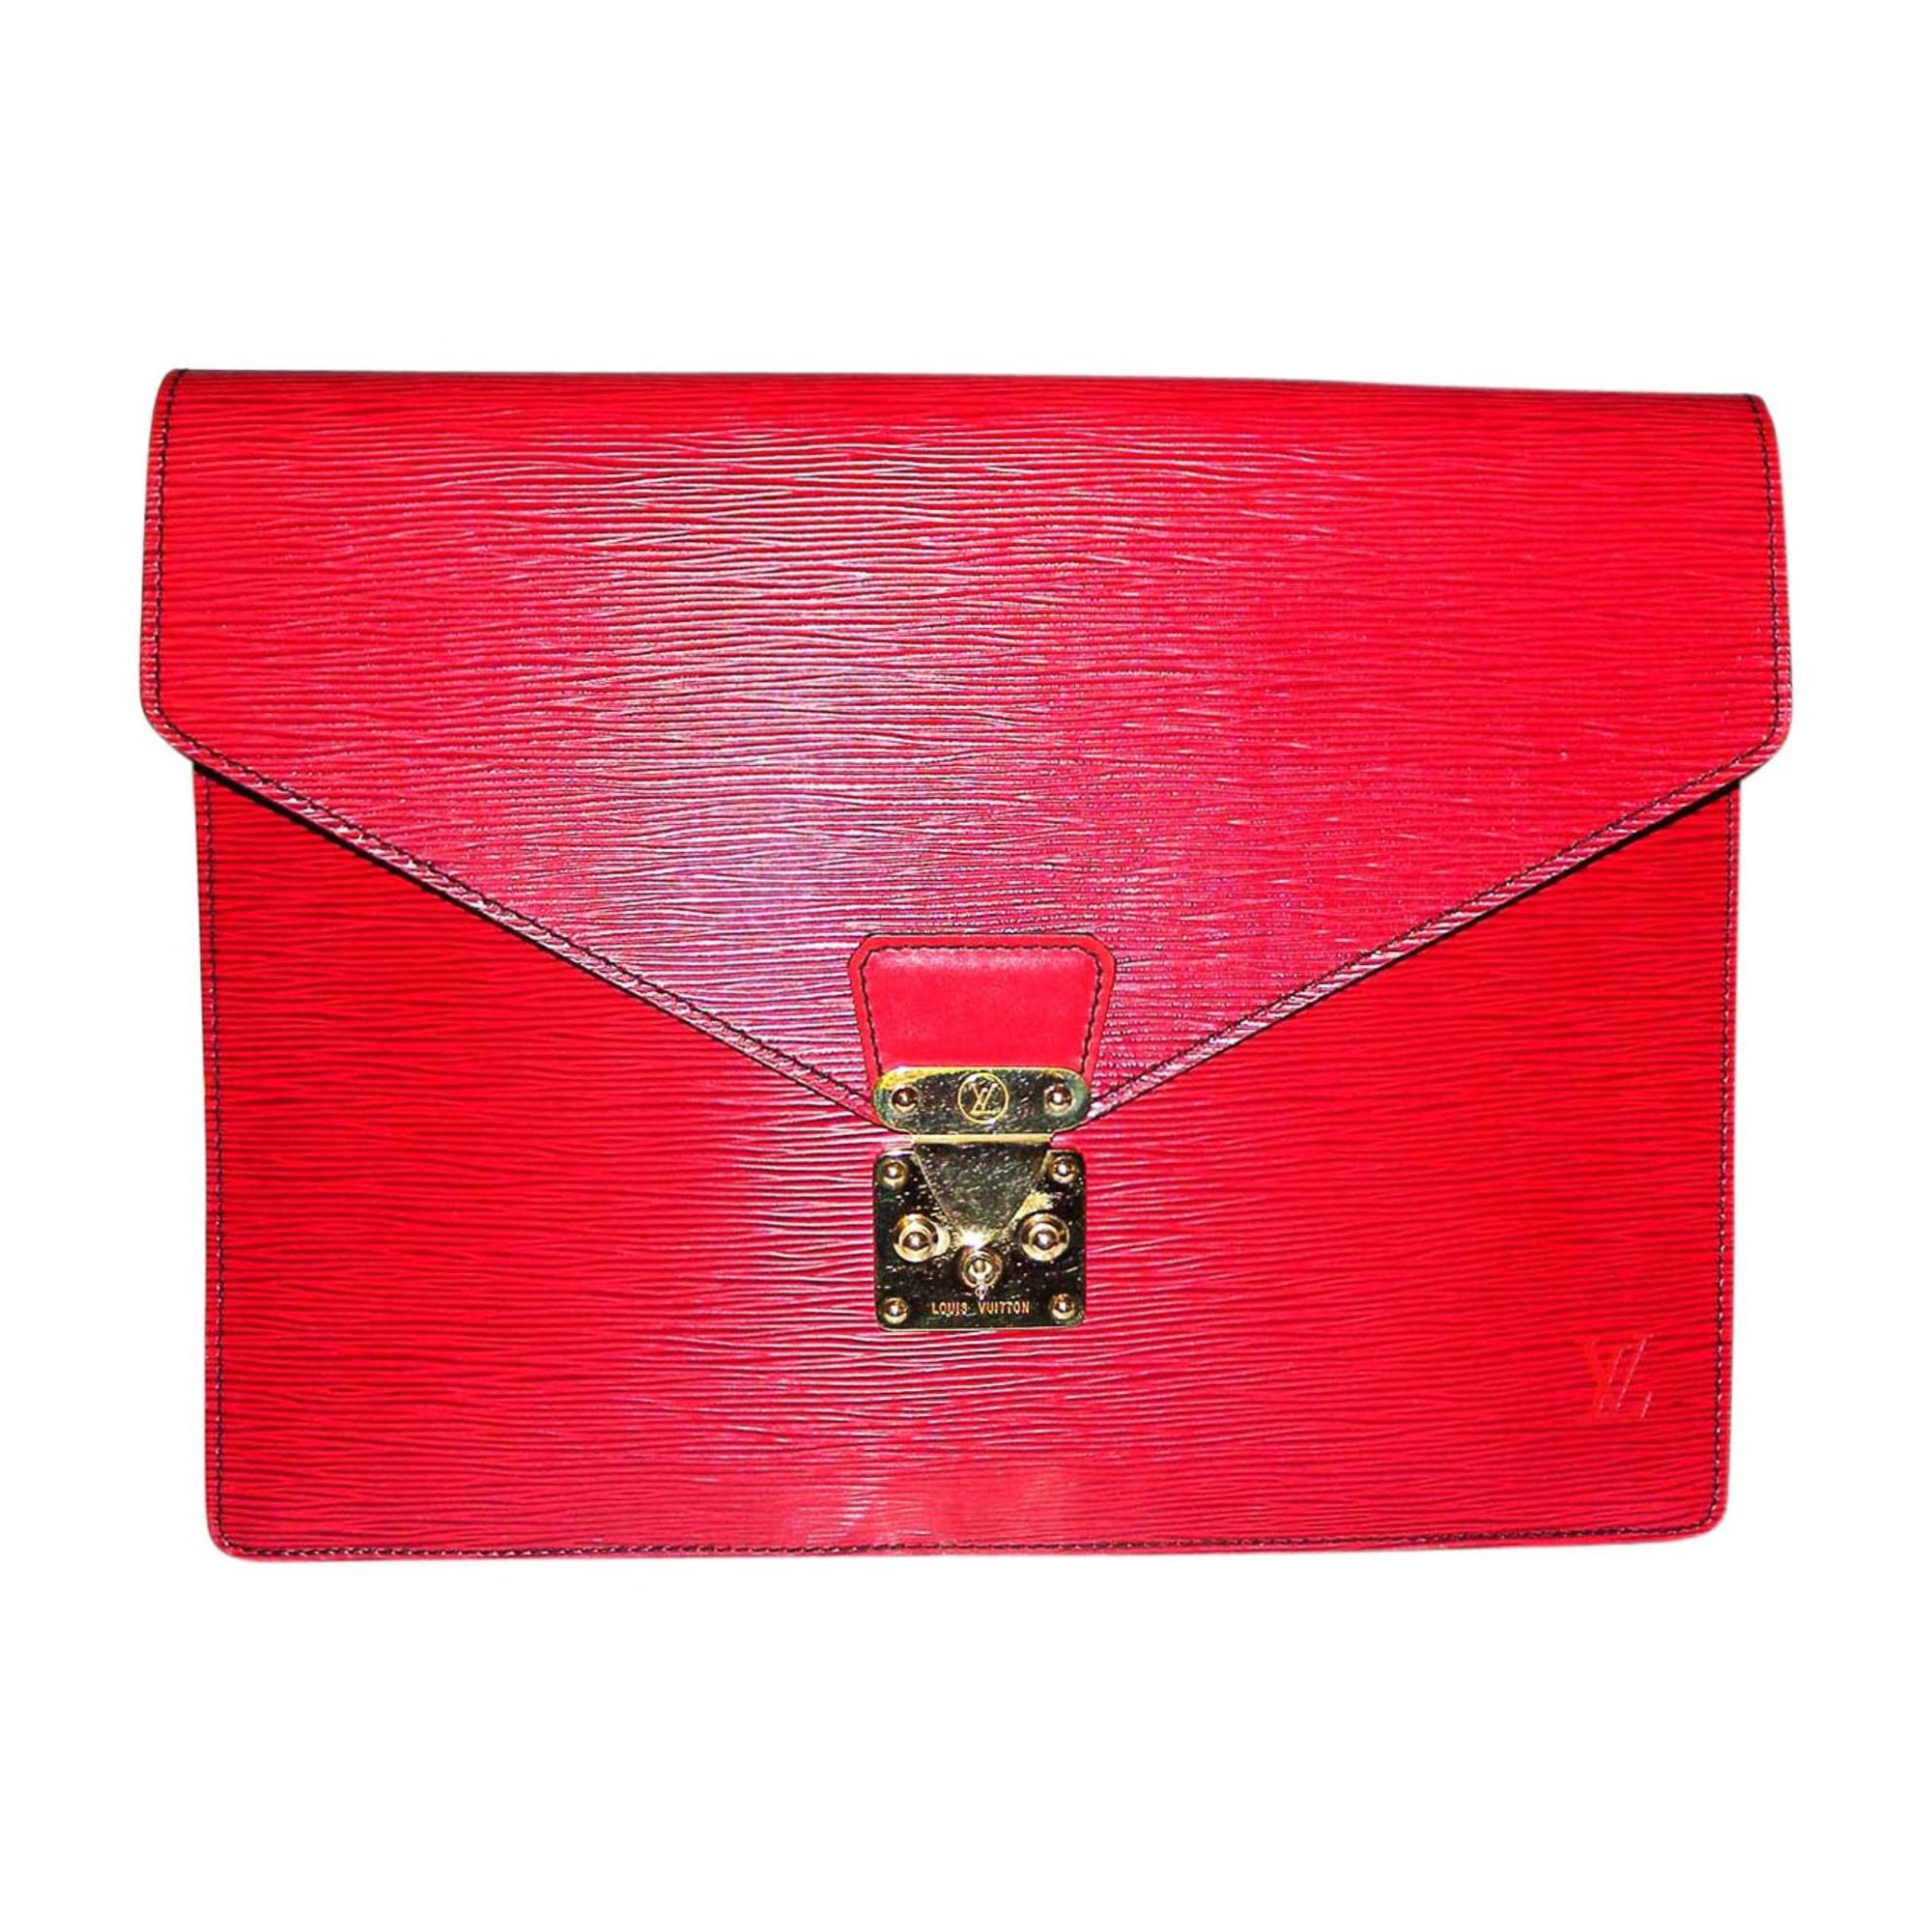 Porte documents, serviette LOUIS VUITTON Rouge, bordeaux